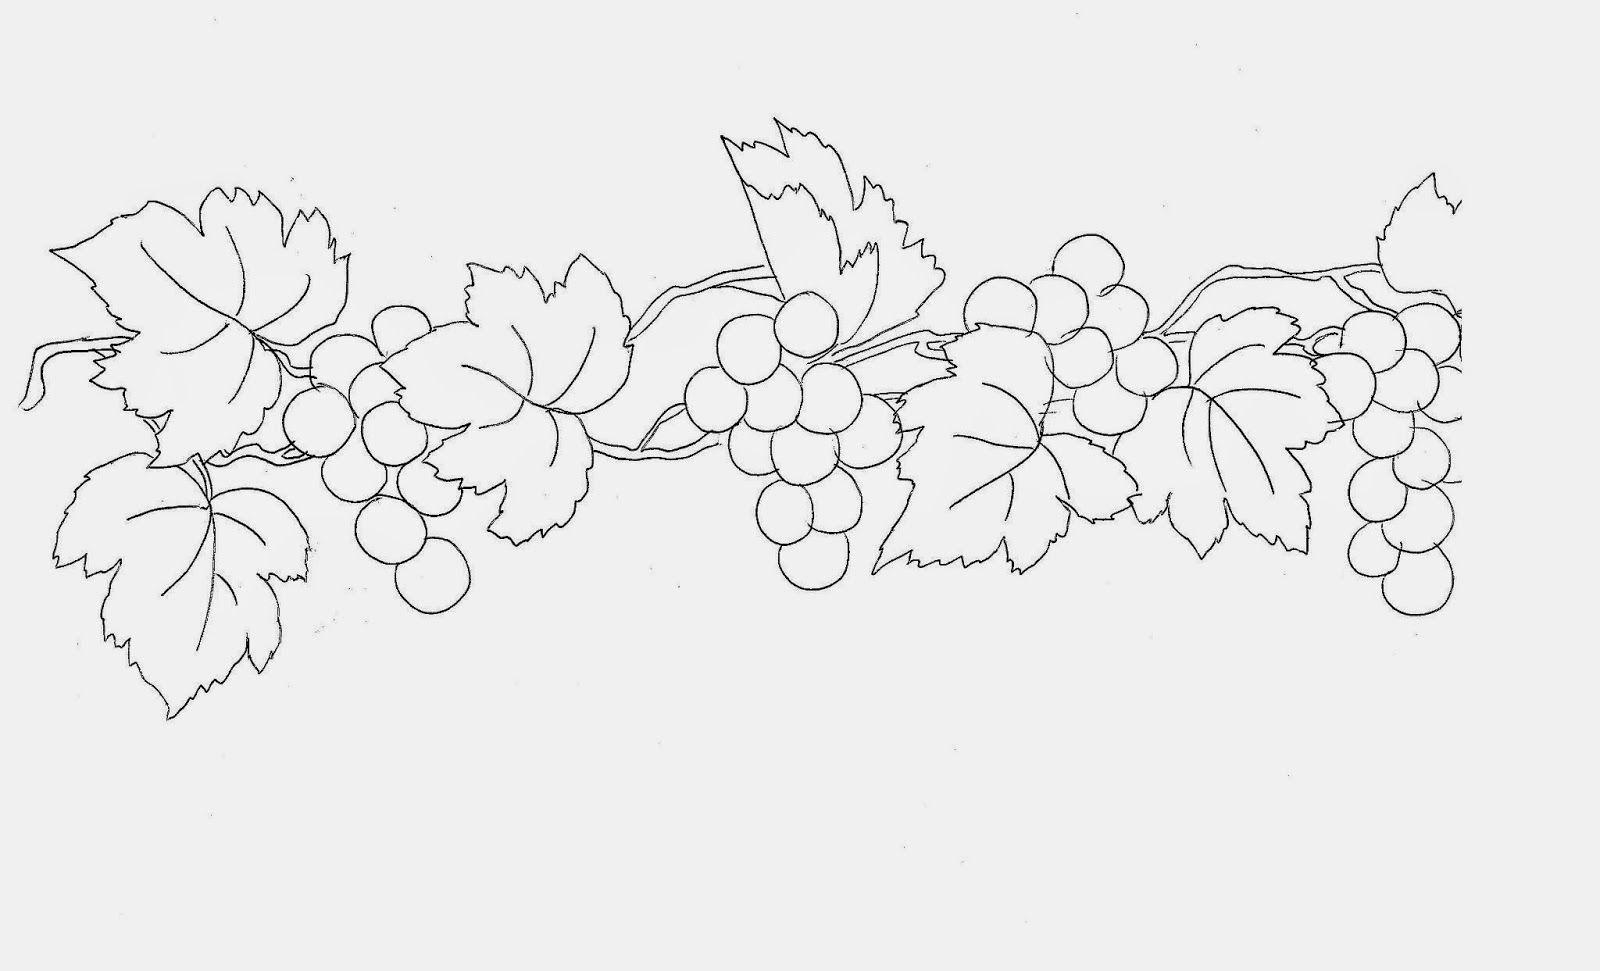 этому узор виноград картинки звезд ранних